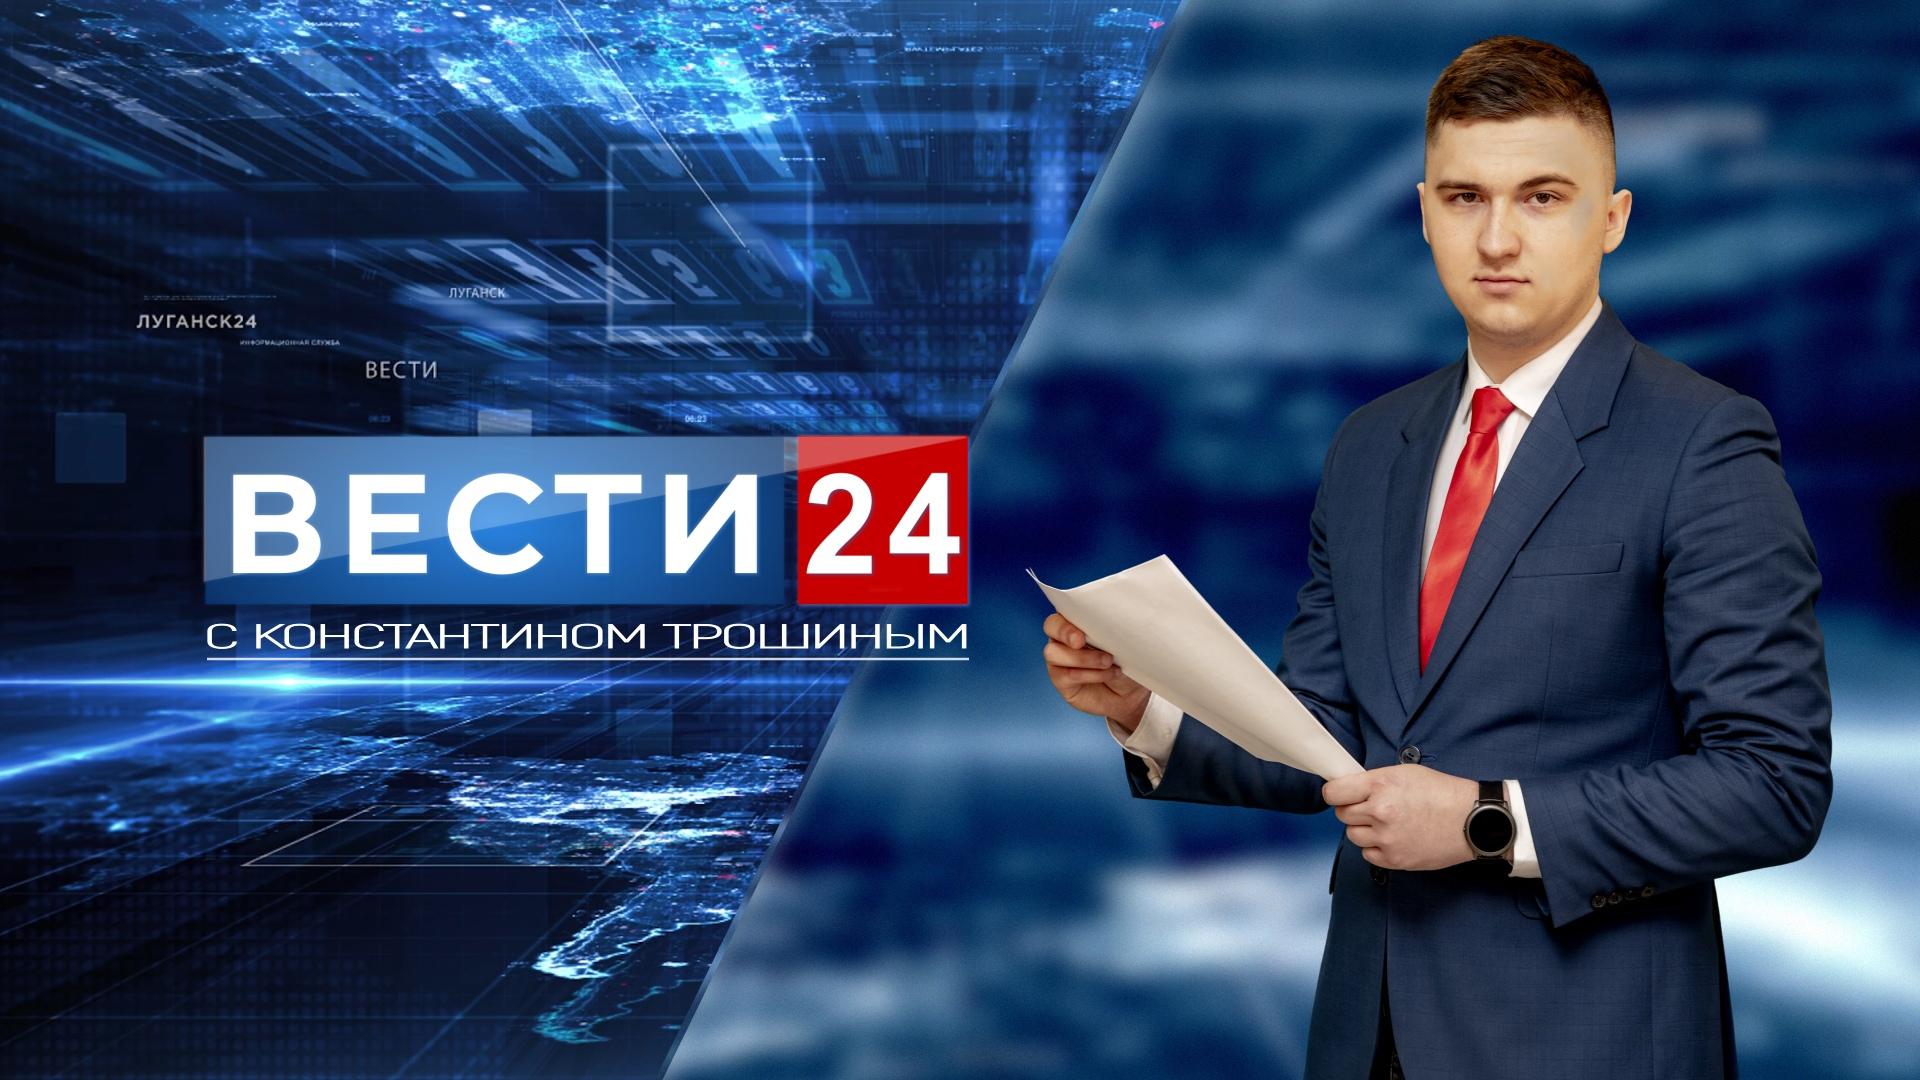 ГТРК ЛНР. Вести. 29 июля 2021 г. 5:30